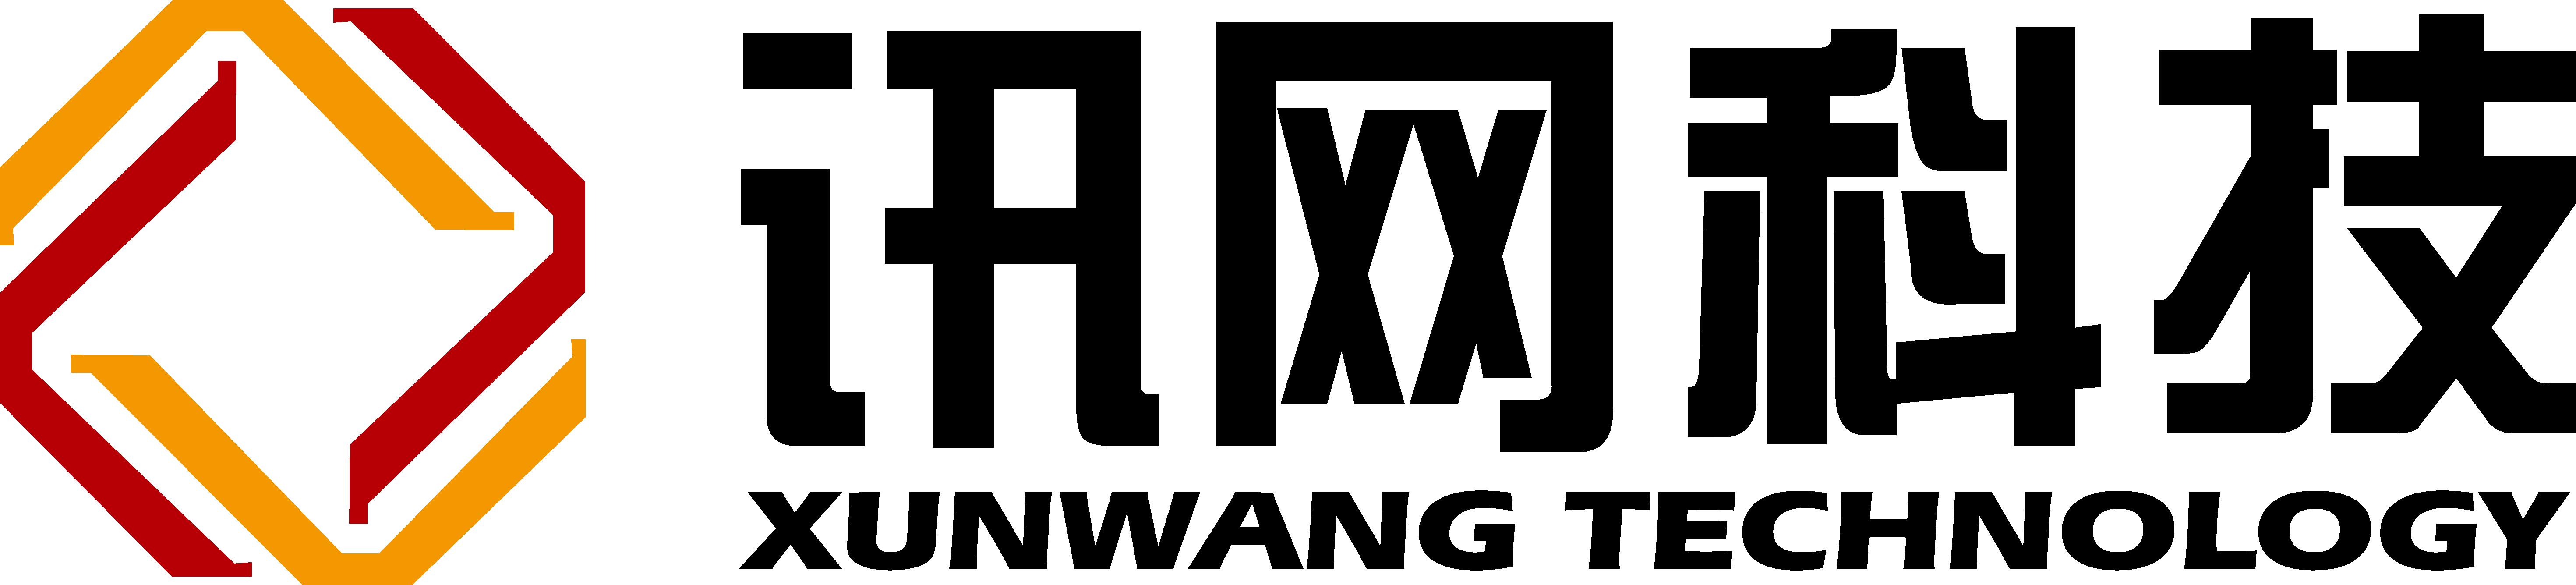 安卓版游戏大厅_热门应用免费下载_搜狗下载QQ游戏大厅_QQ游戏大厅官方免费下载【最新版】-下载之家【JJ斗地主官方下载】-斗地主,麻将,德州扑sbobet中国开的到吗克等棋牌竞技平台